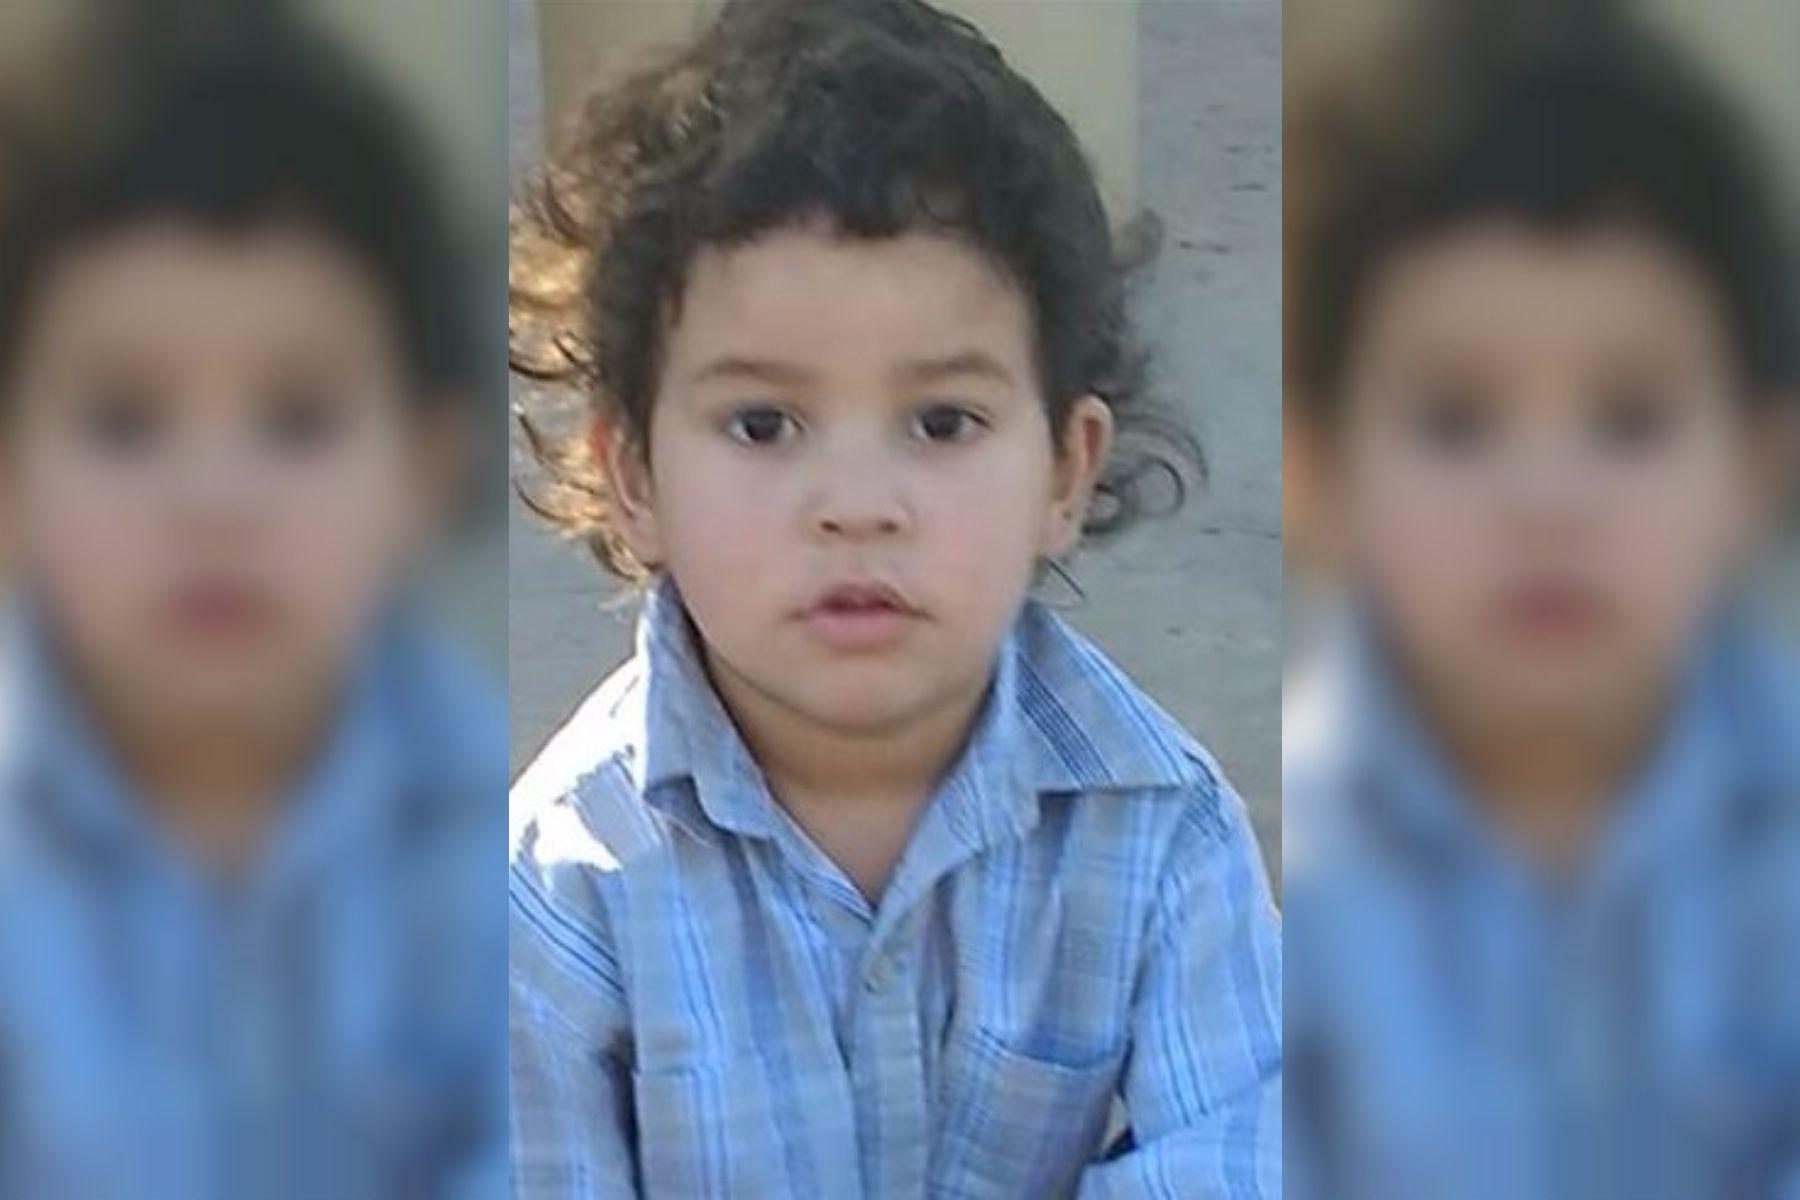 Hallaron a un nene en la calle hace casi tres meses y aún buscan a su familia